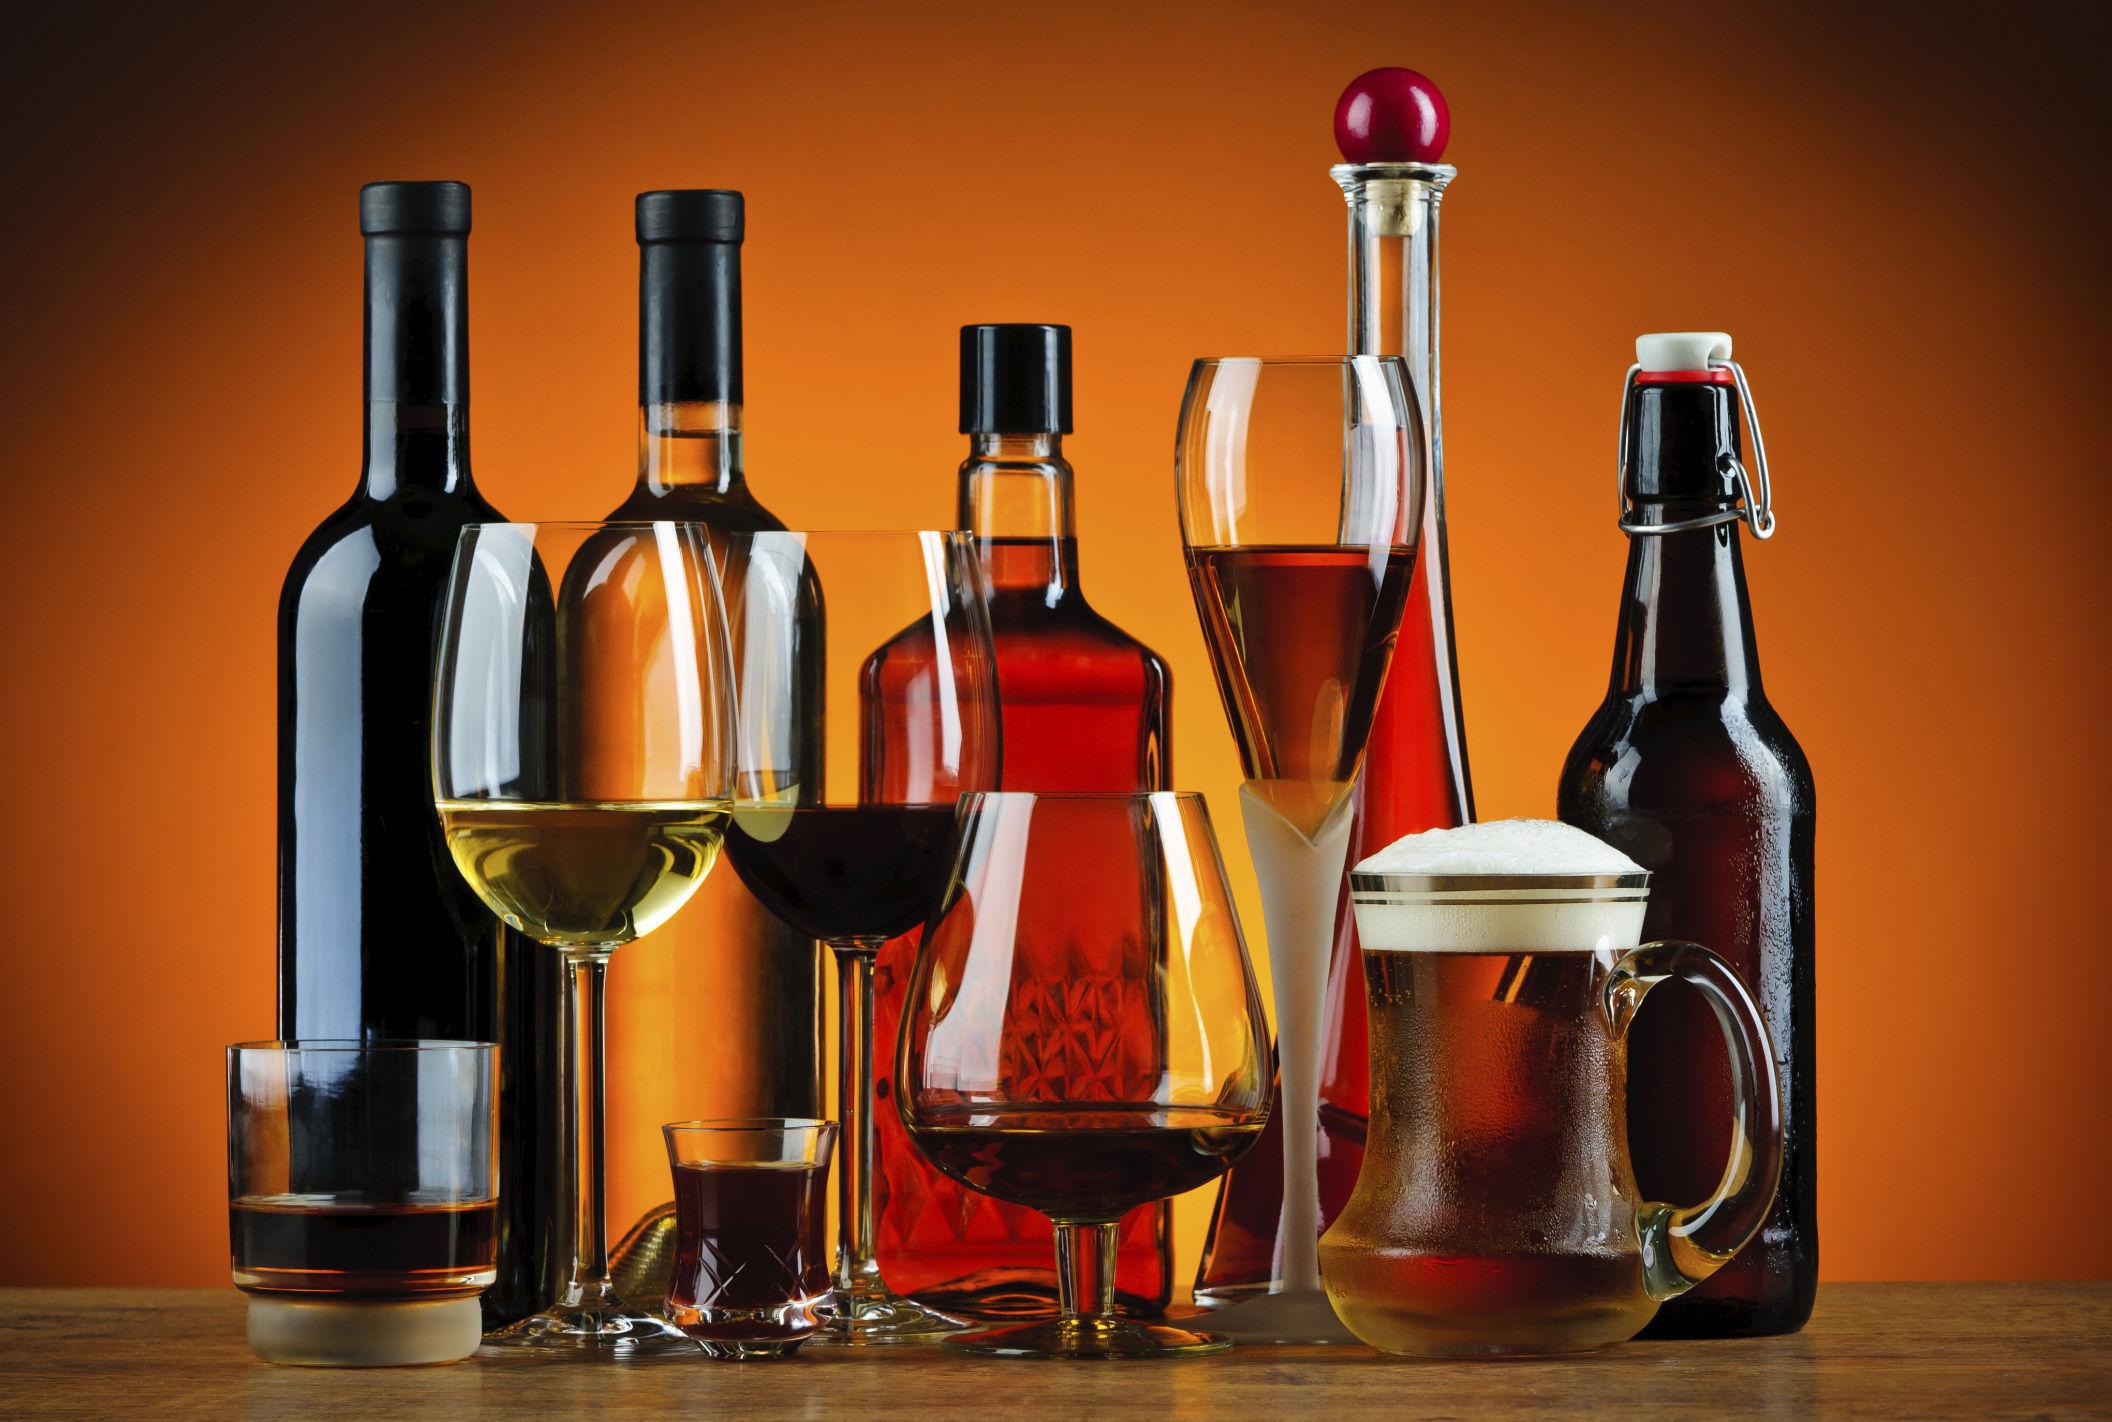 ¿Qué tipo de bebidas son tus preferidas?